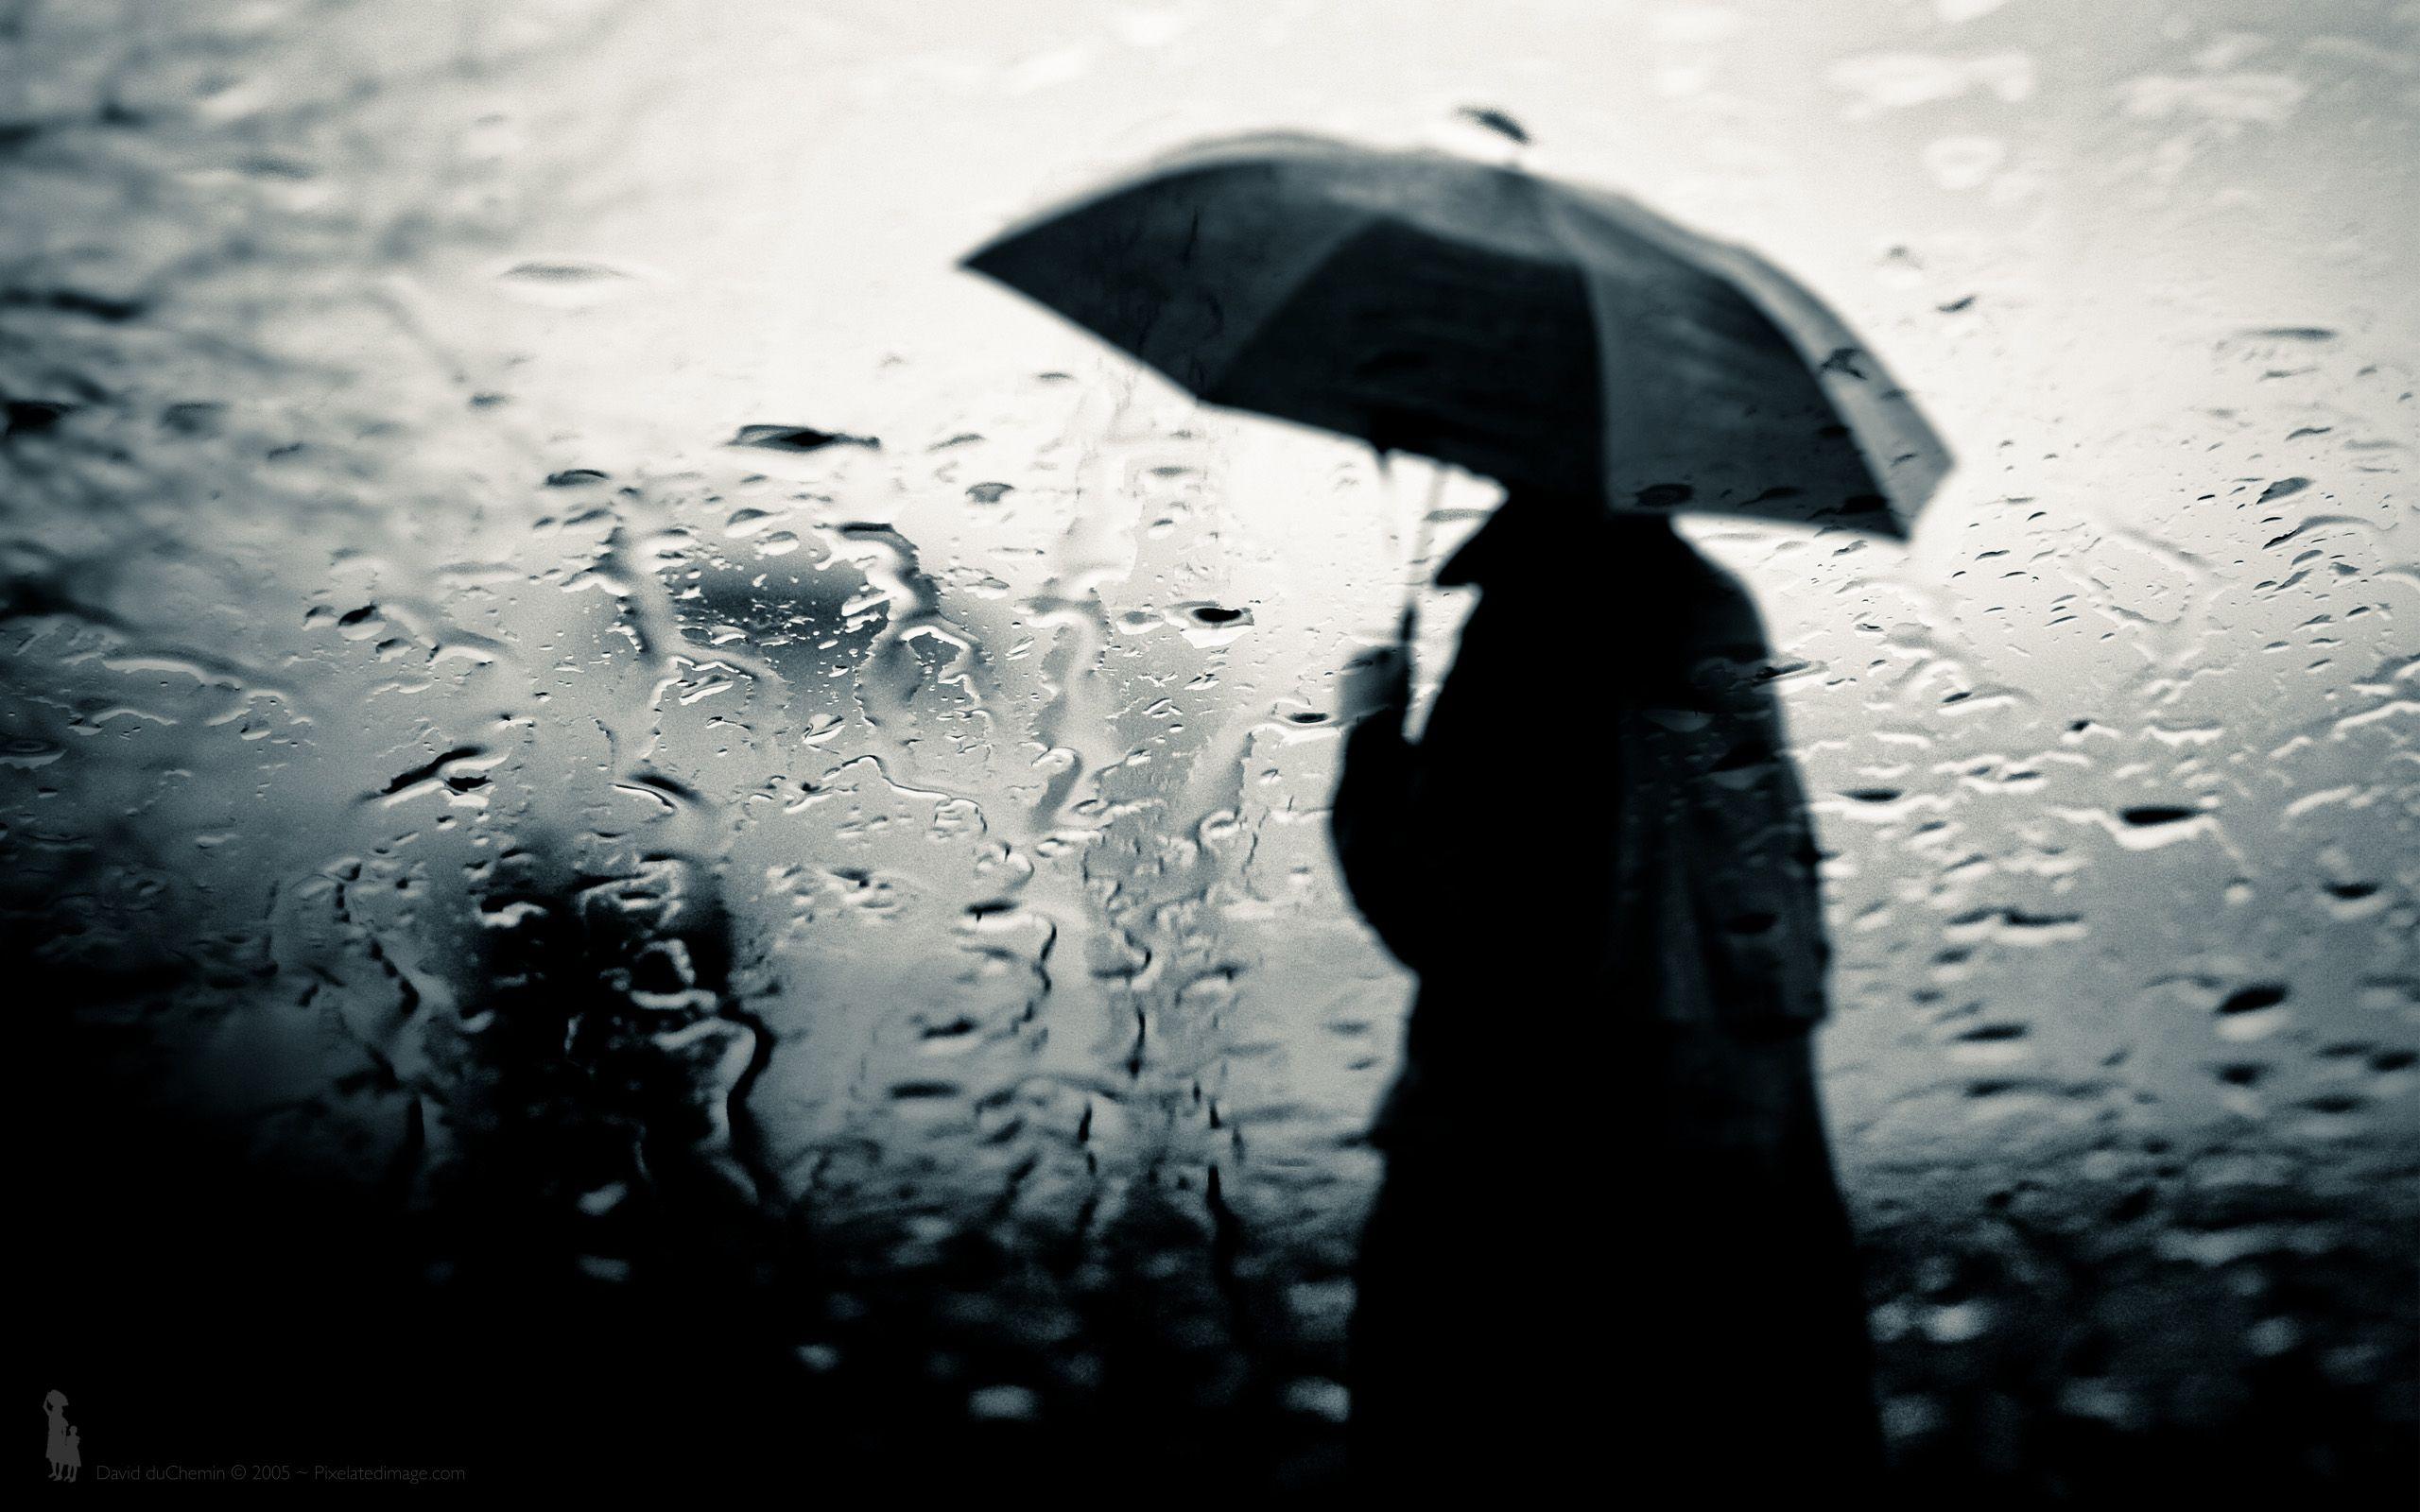 Rainy Mood Rainy Day Wallpaper Rain Wallpapers Rainy Mood